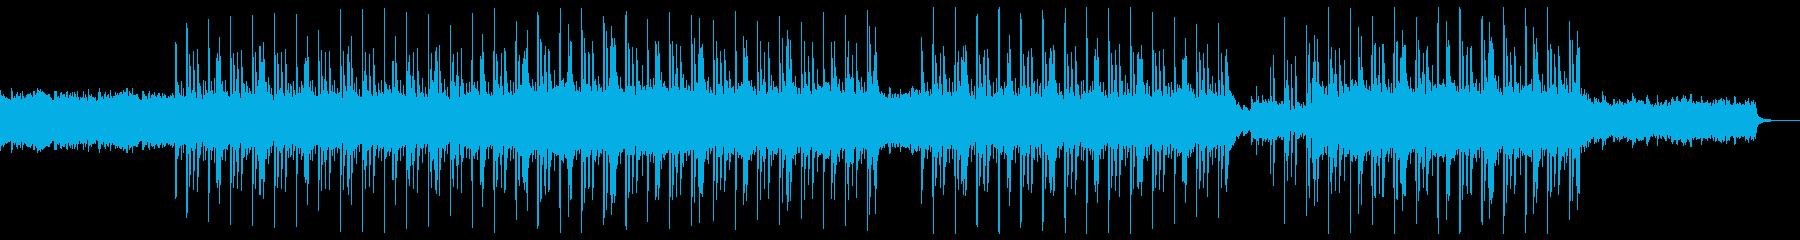 切ない 感動的 トラップビートの再生済みの波形